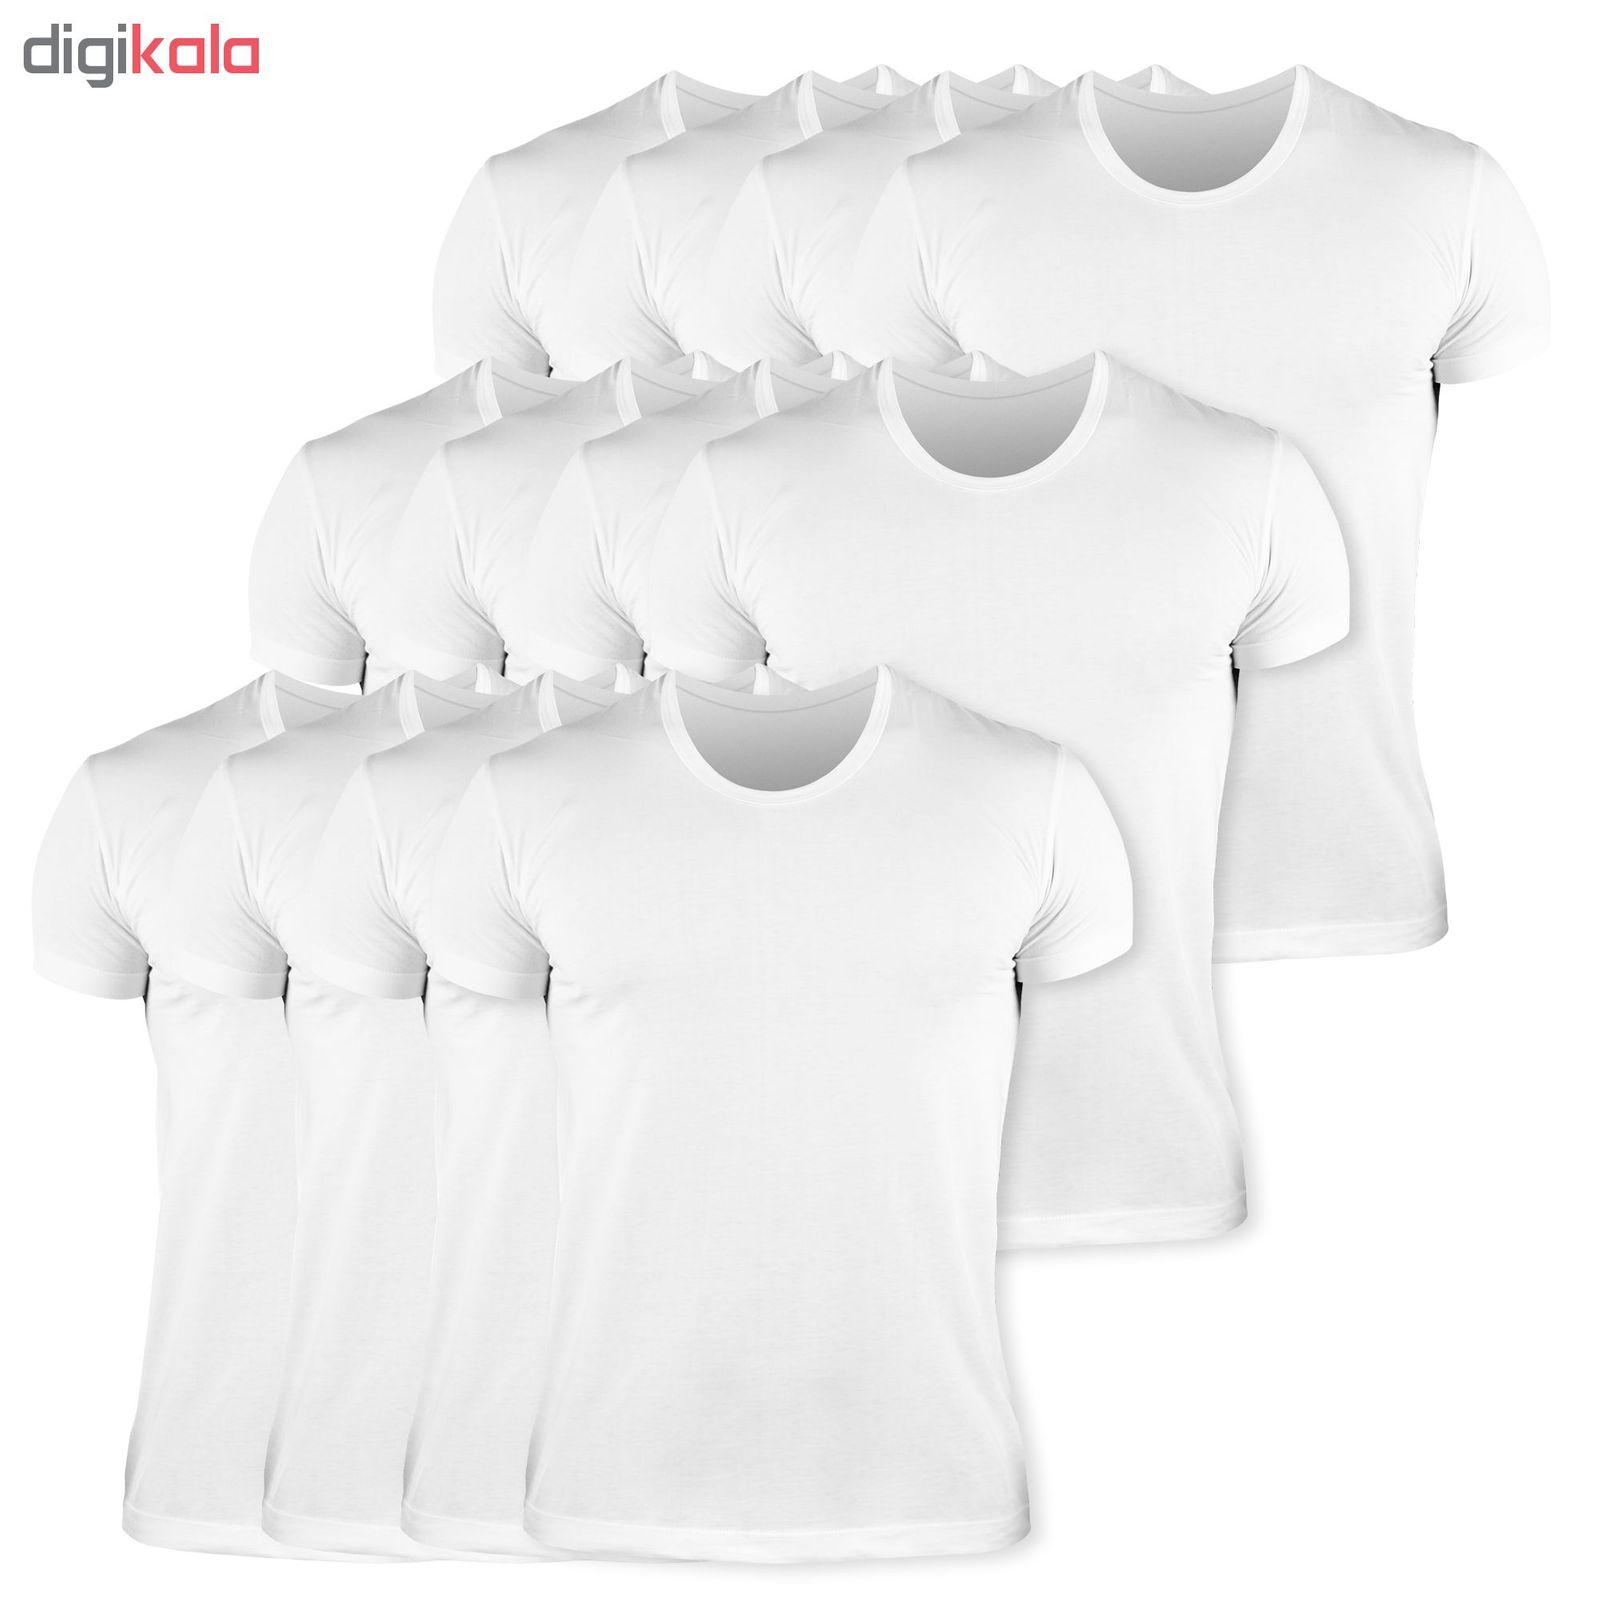 زیرپوش مردانه کیان تن پوش مدل U Neck Shirt Classic W مجموعه 12عددی main 1 1